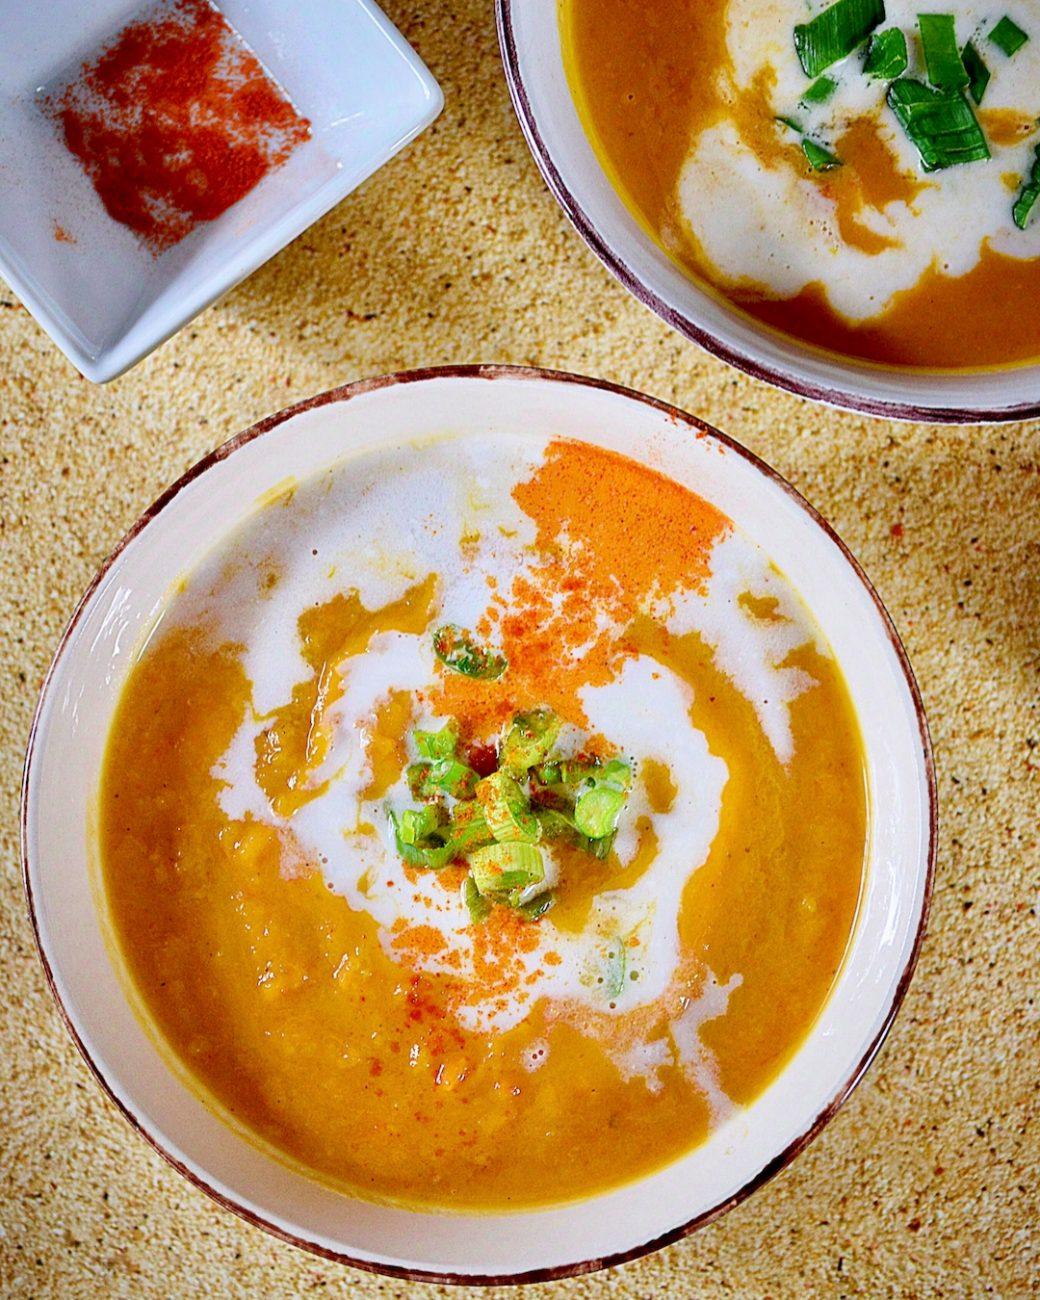 Σούπα βελουτέ γλυκοπατάτας